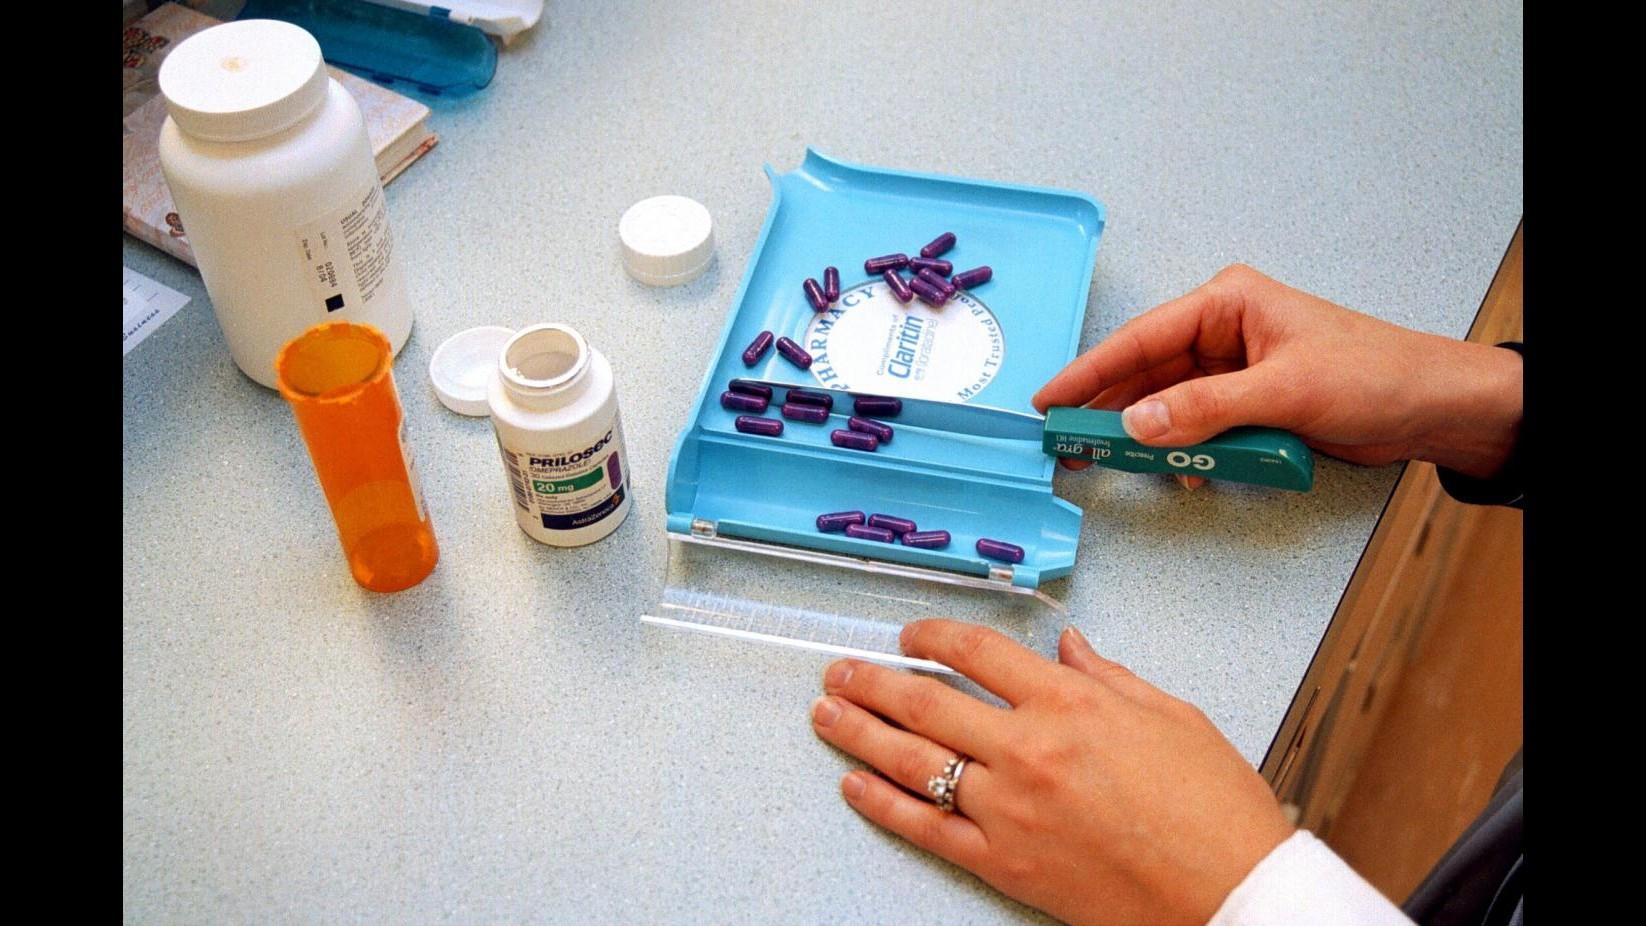 Mps: Spesa mondiale farmaci oltre 1.000 mld, Italia sotto media Ue